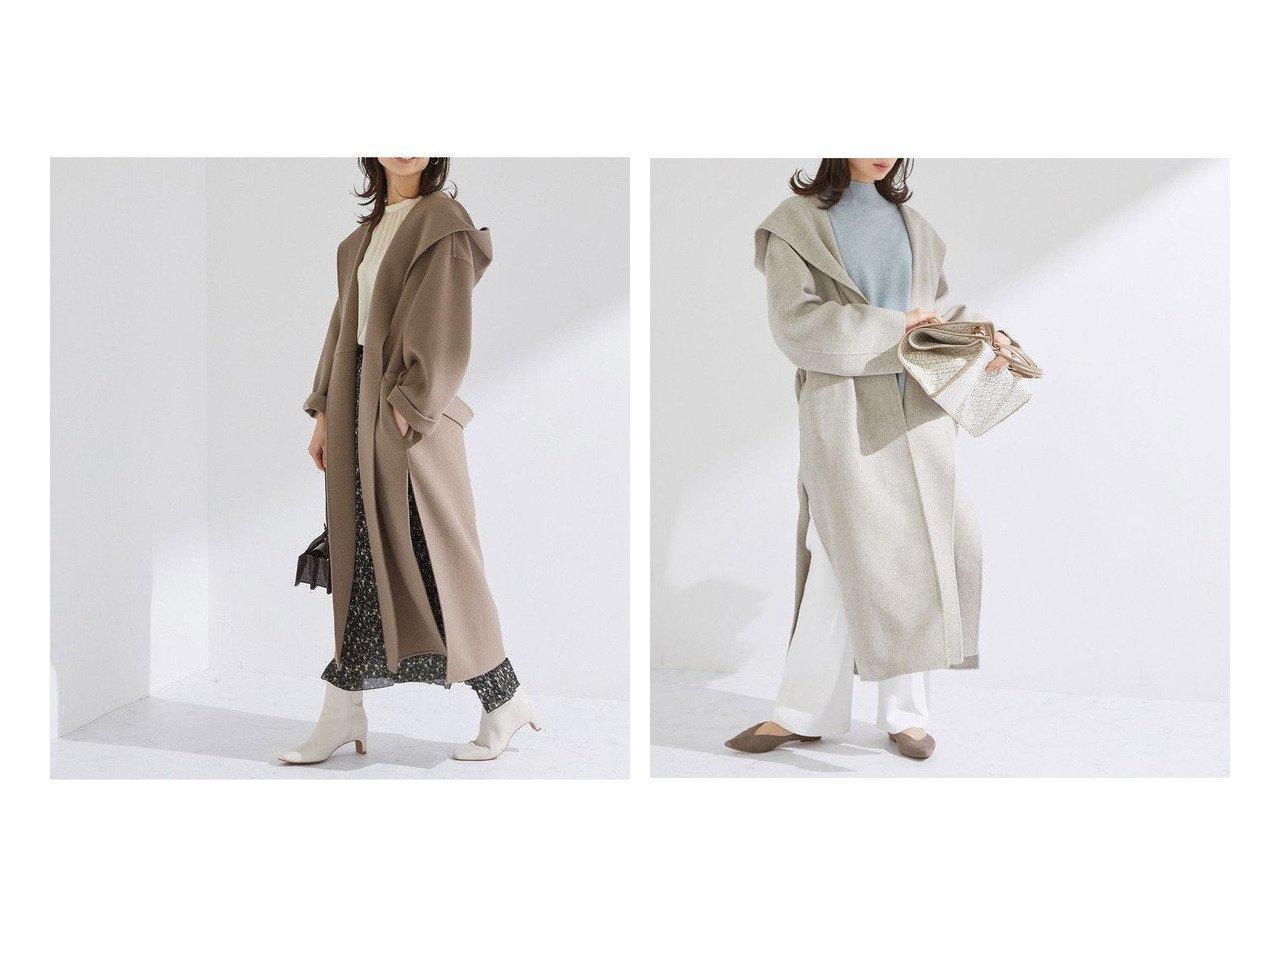 【ROPE/ロペ】のスリットリバーフーディーコート アウターのおすすめ!人気、トレンド・レディースファッションの通販 おすすめで人気の流行・トレンド、ファッションの通販商品 メンズファッション・キッズファッション・インテリア・家具・レディースファッション・服の通販 founy(ファニー) https://founy.com/ ファッション Fashion レディースファッション WOMEN アウター Coat Outerwear コート Coats NEW・新作・新着・新入荷 New Arrivals スエード スリット ティアードスカート ハンド フォルム ポケット リラックス ロング 春 Spring |ID:crp329100000013473